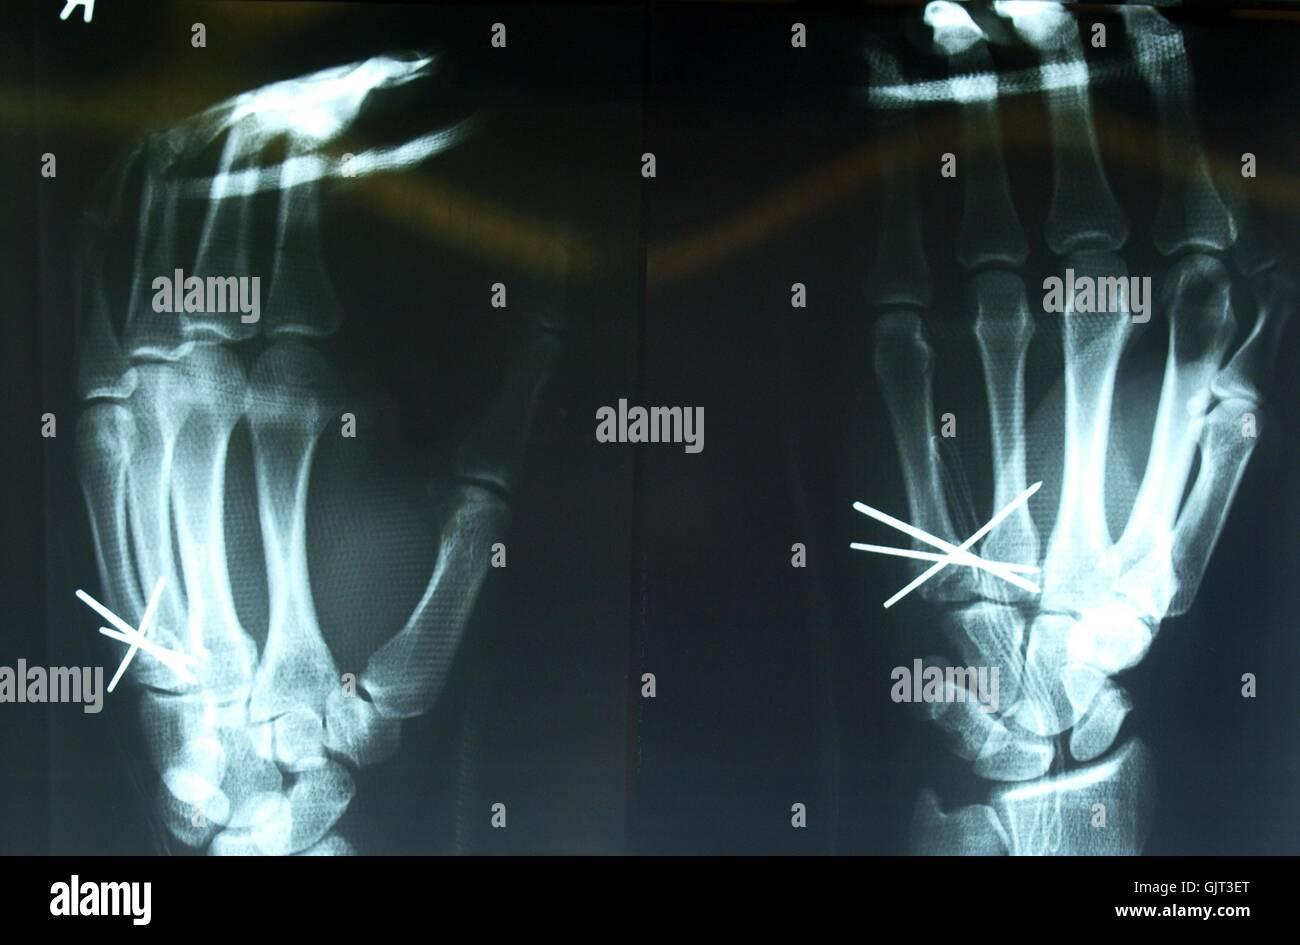 hand radiograph diagnosis - Stock Image